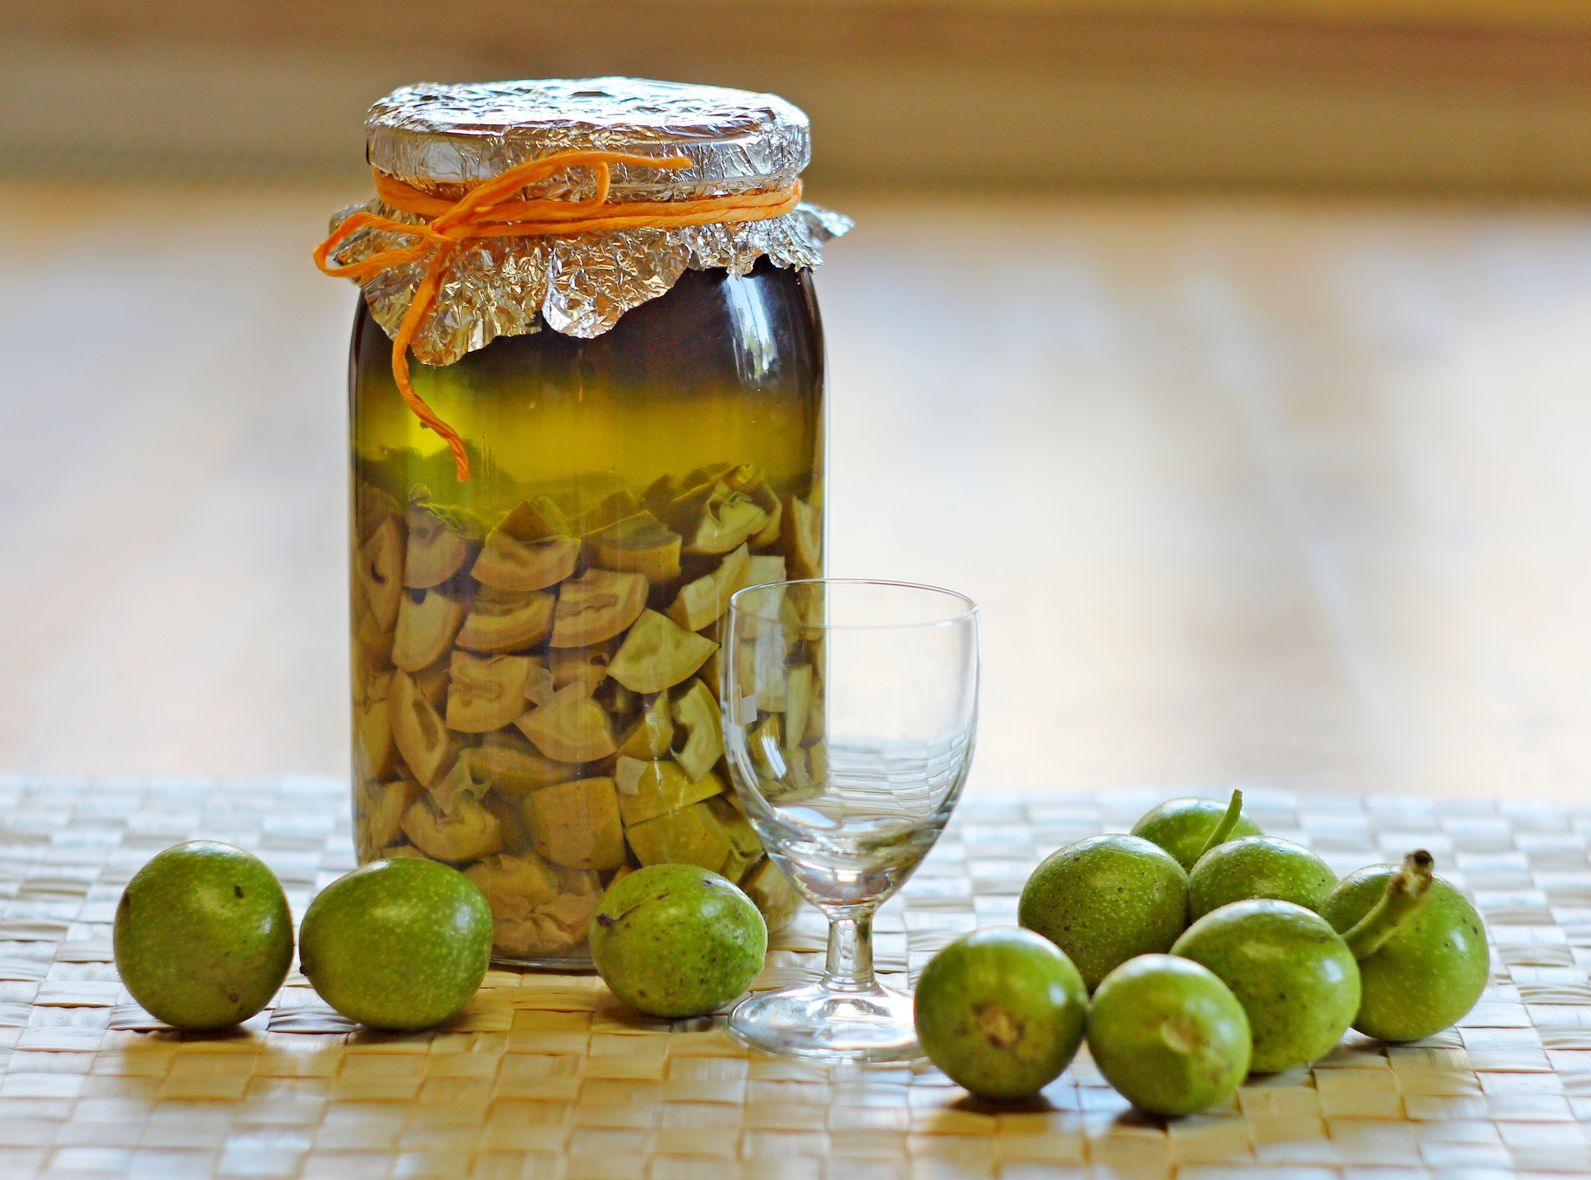 Рецепт настойки на орехах и меде